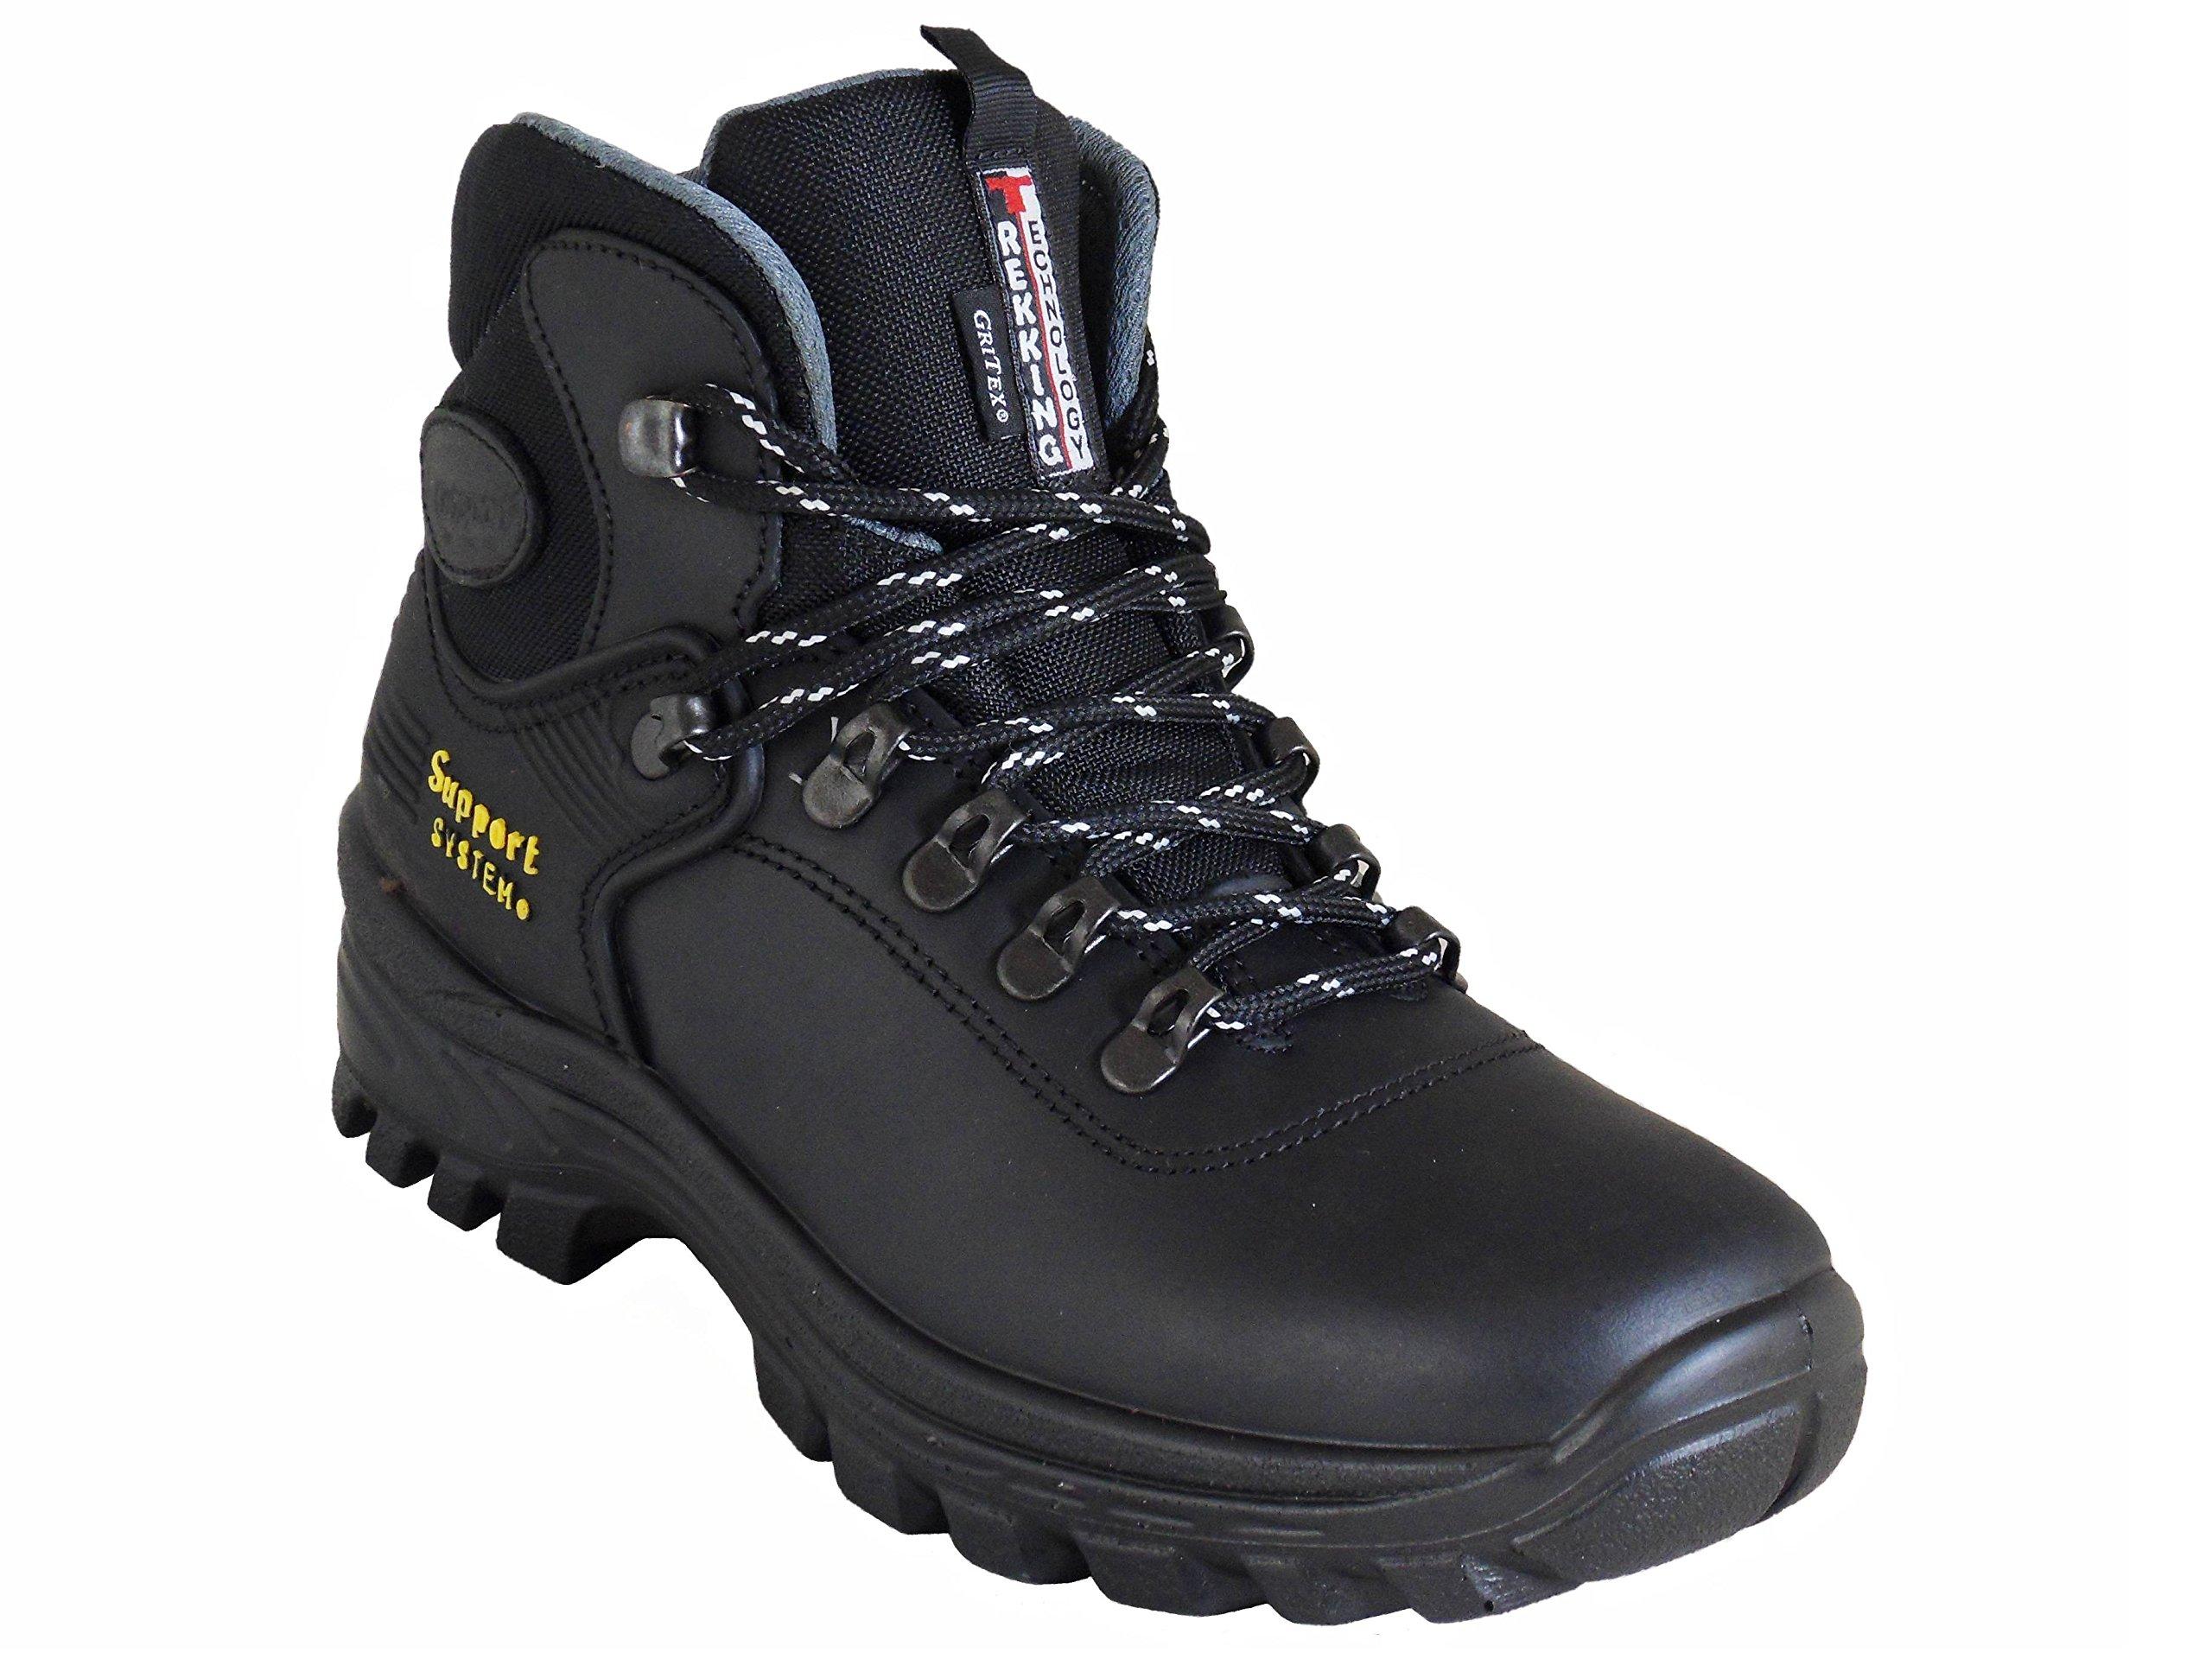 81jEo38qgVL - Grisport Explorer Ladies Lightweight Waterproof Walking Boots Black